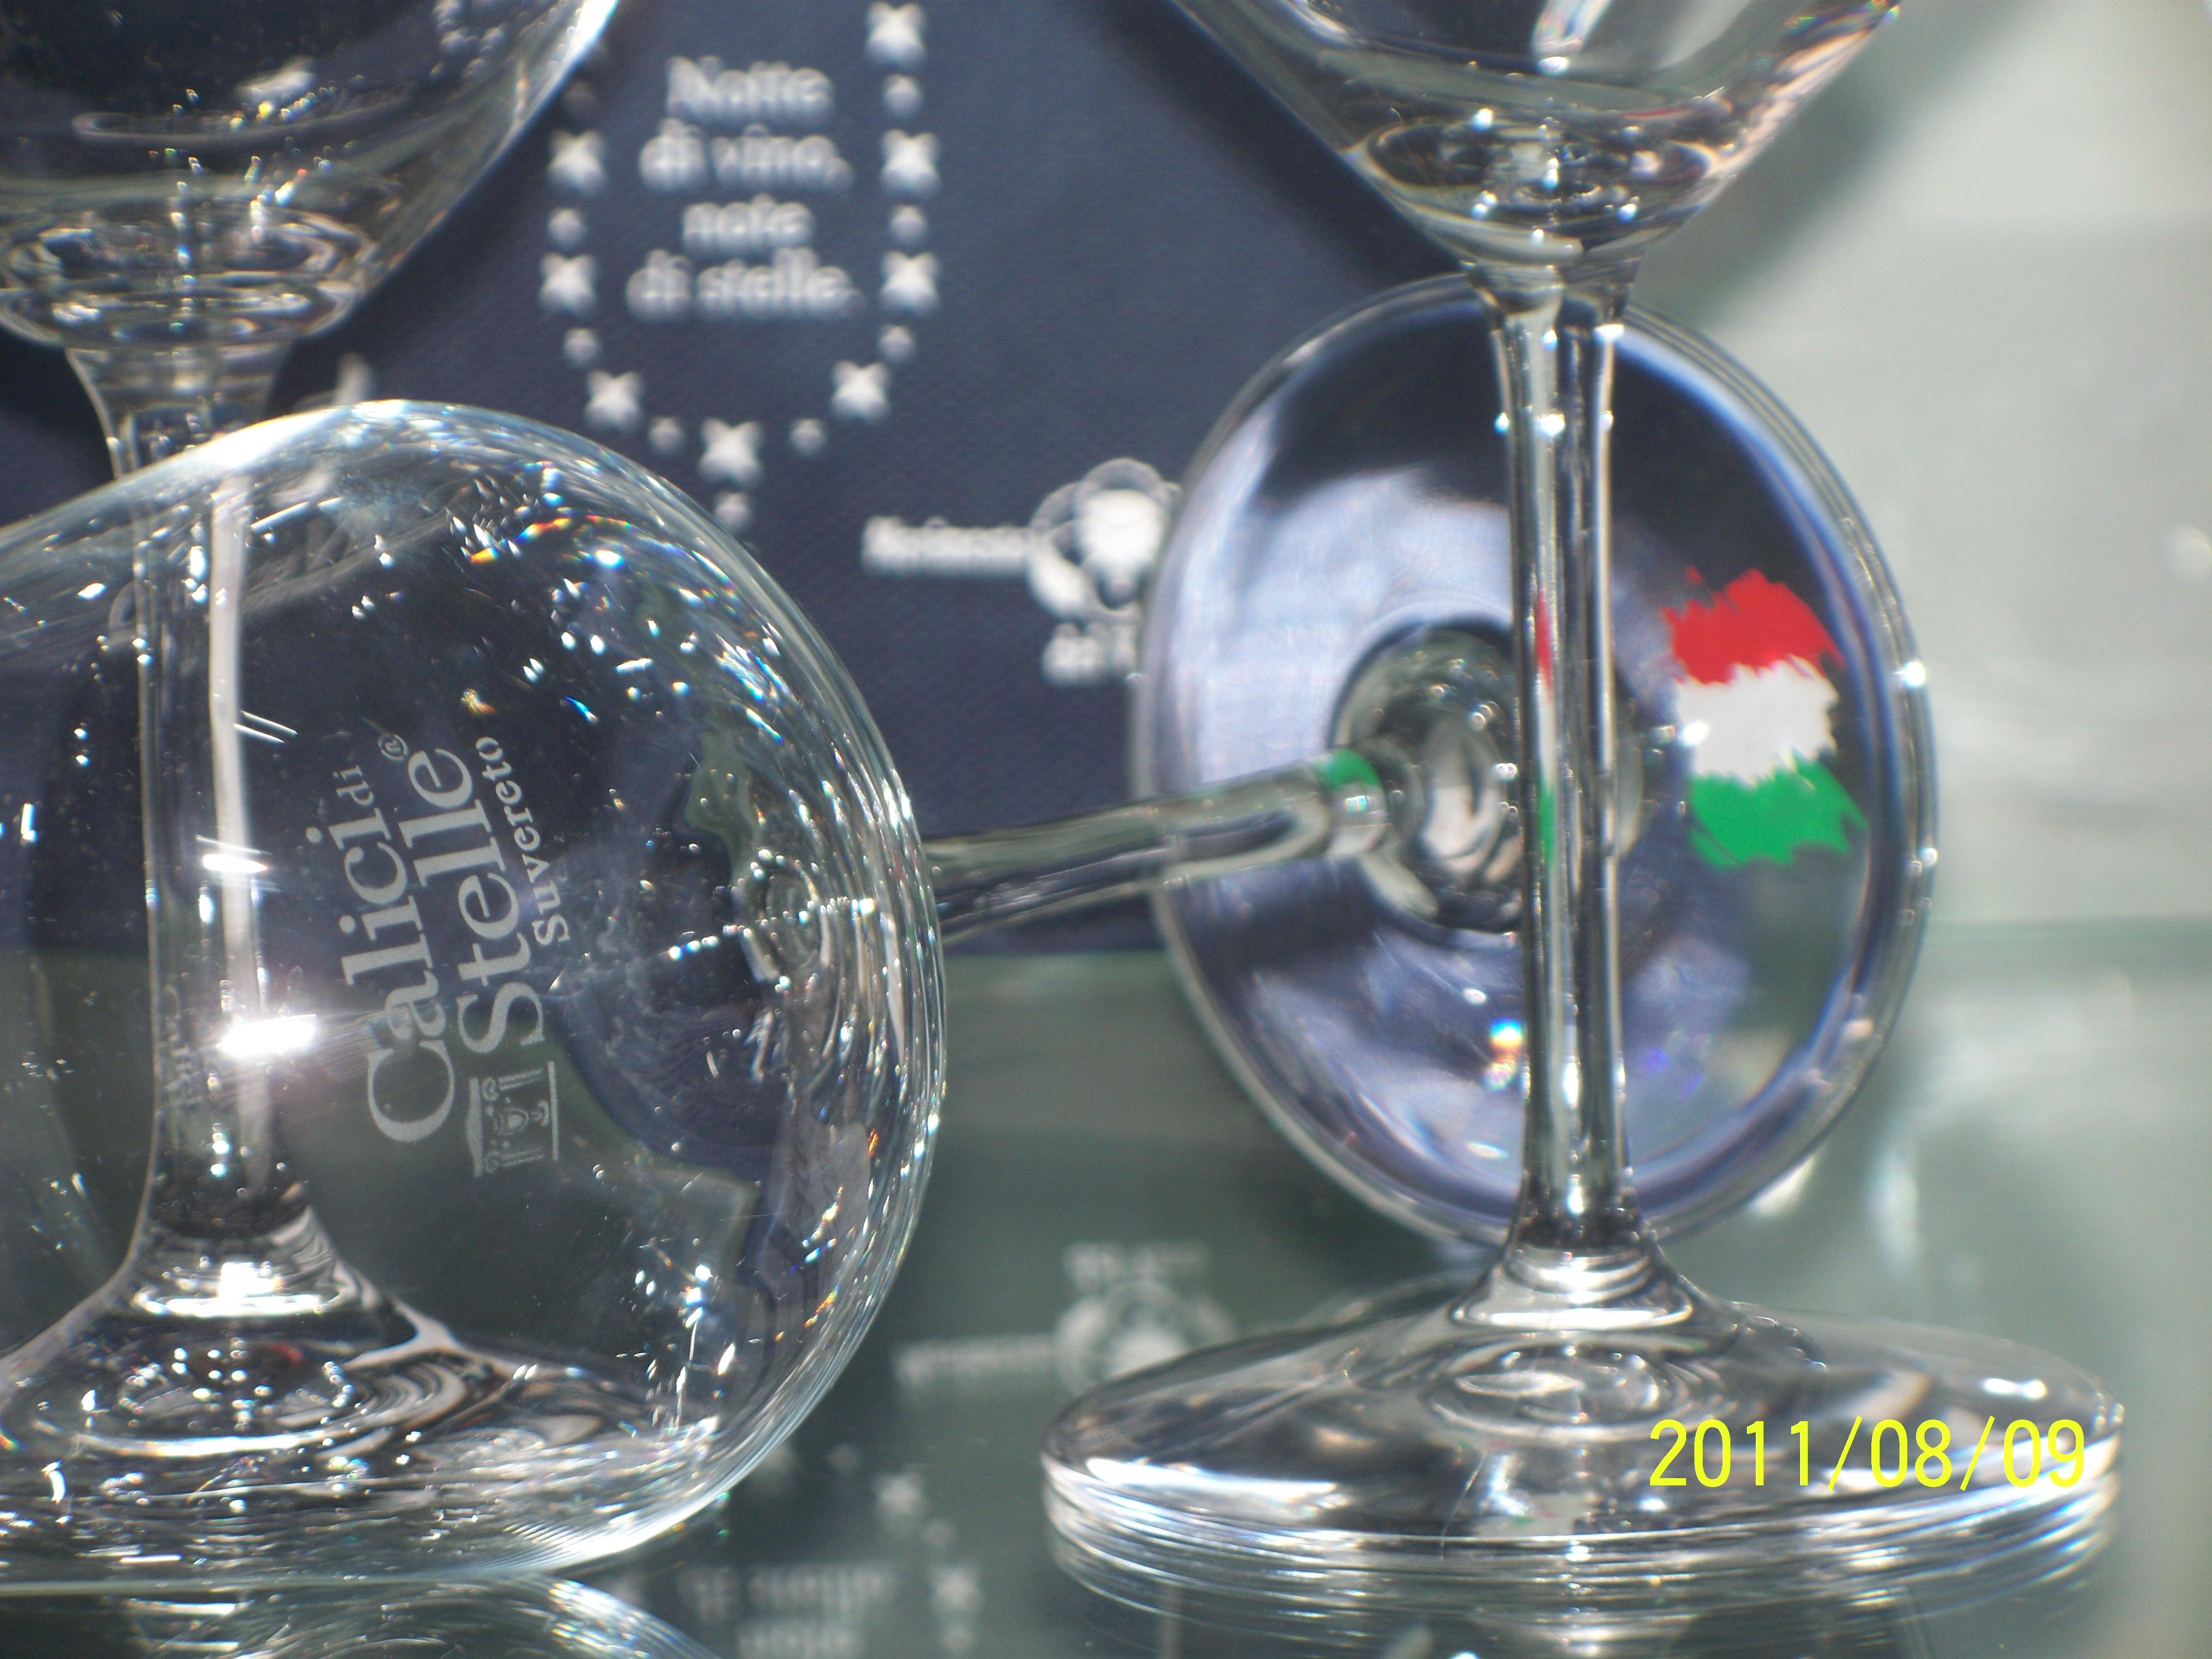 CALICI SI STELLE 2014 - Bilancio